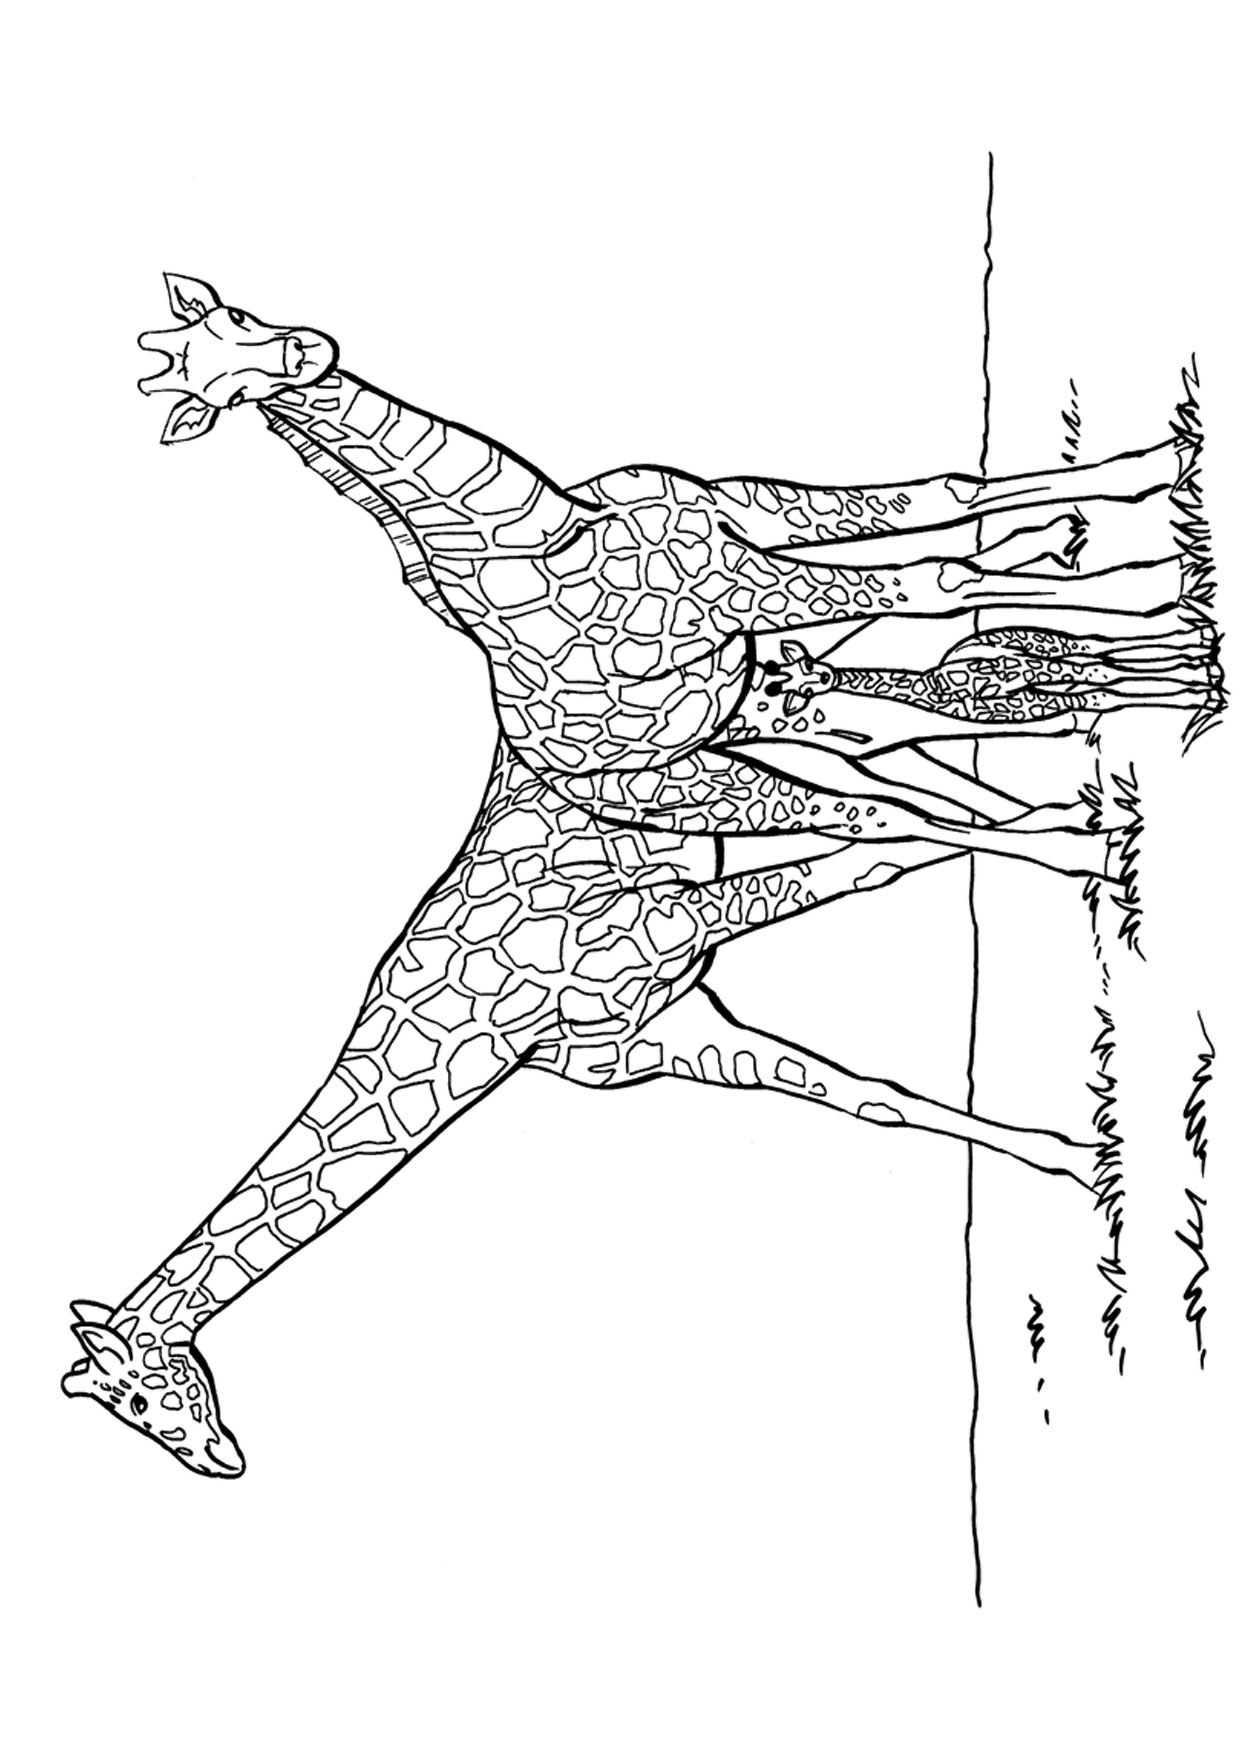 Disegno di giraffa 09